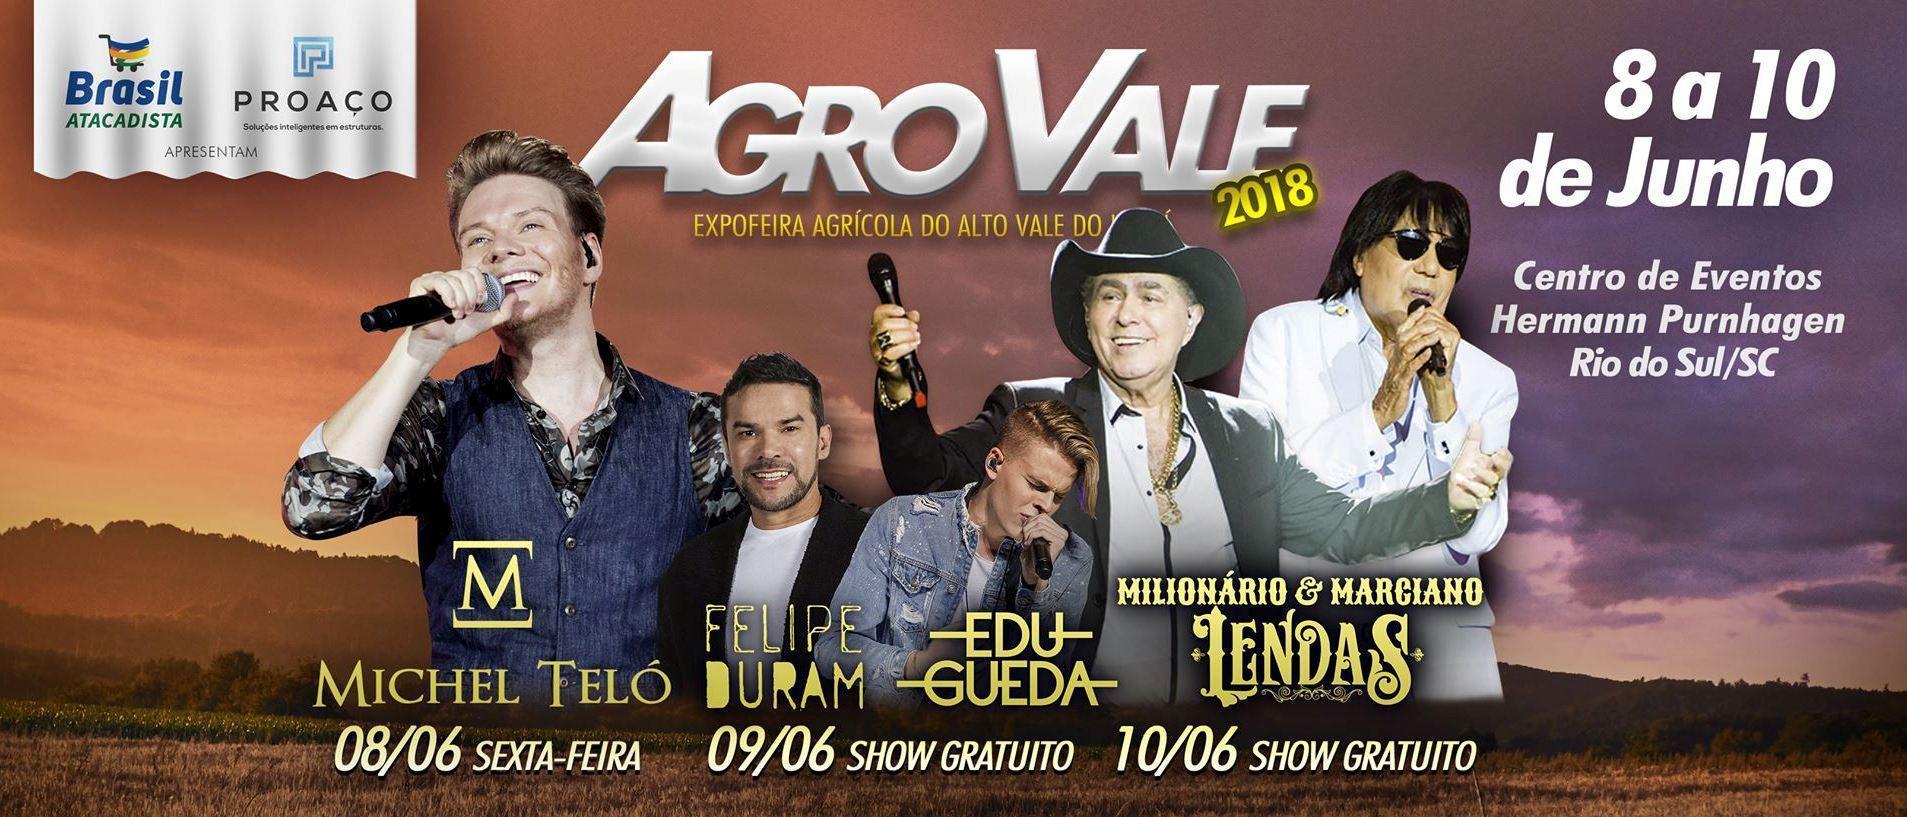 AgroVale será realizada de 08 a 10 de junho, em Rio do Sul